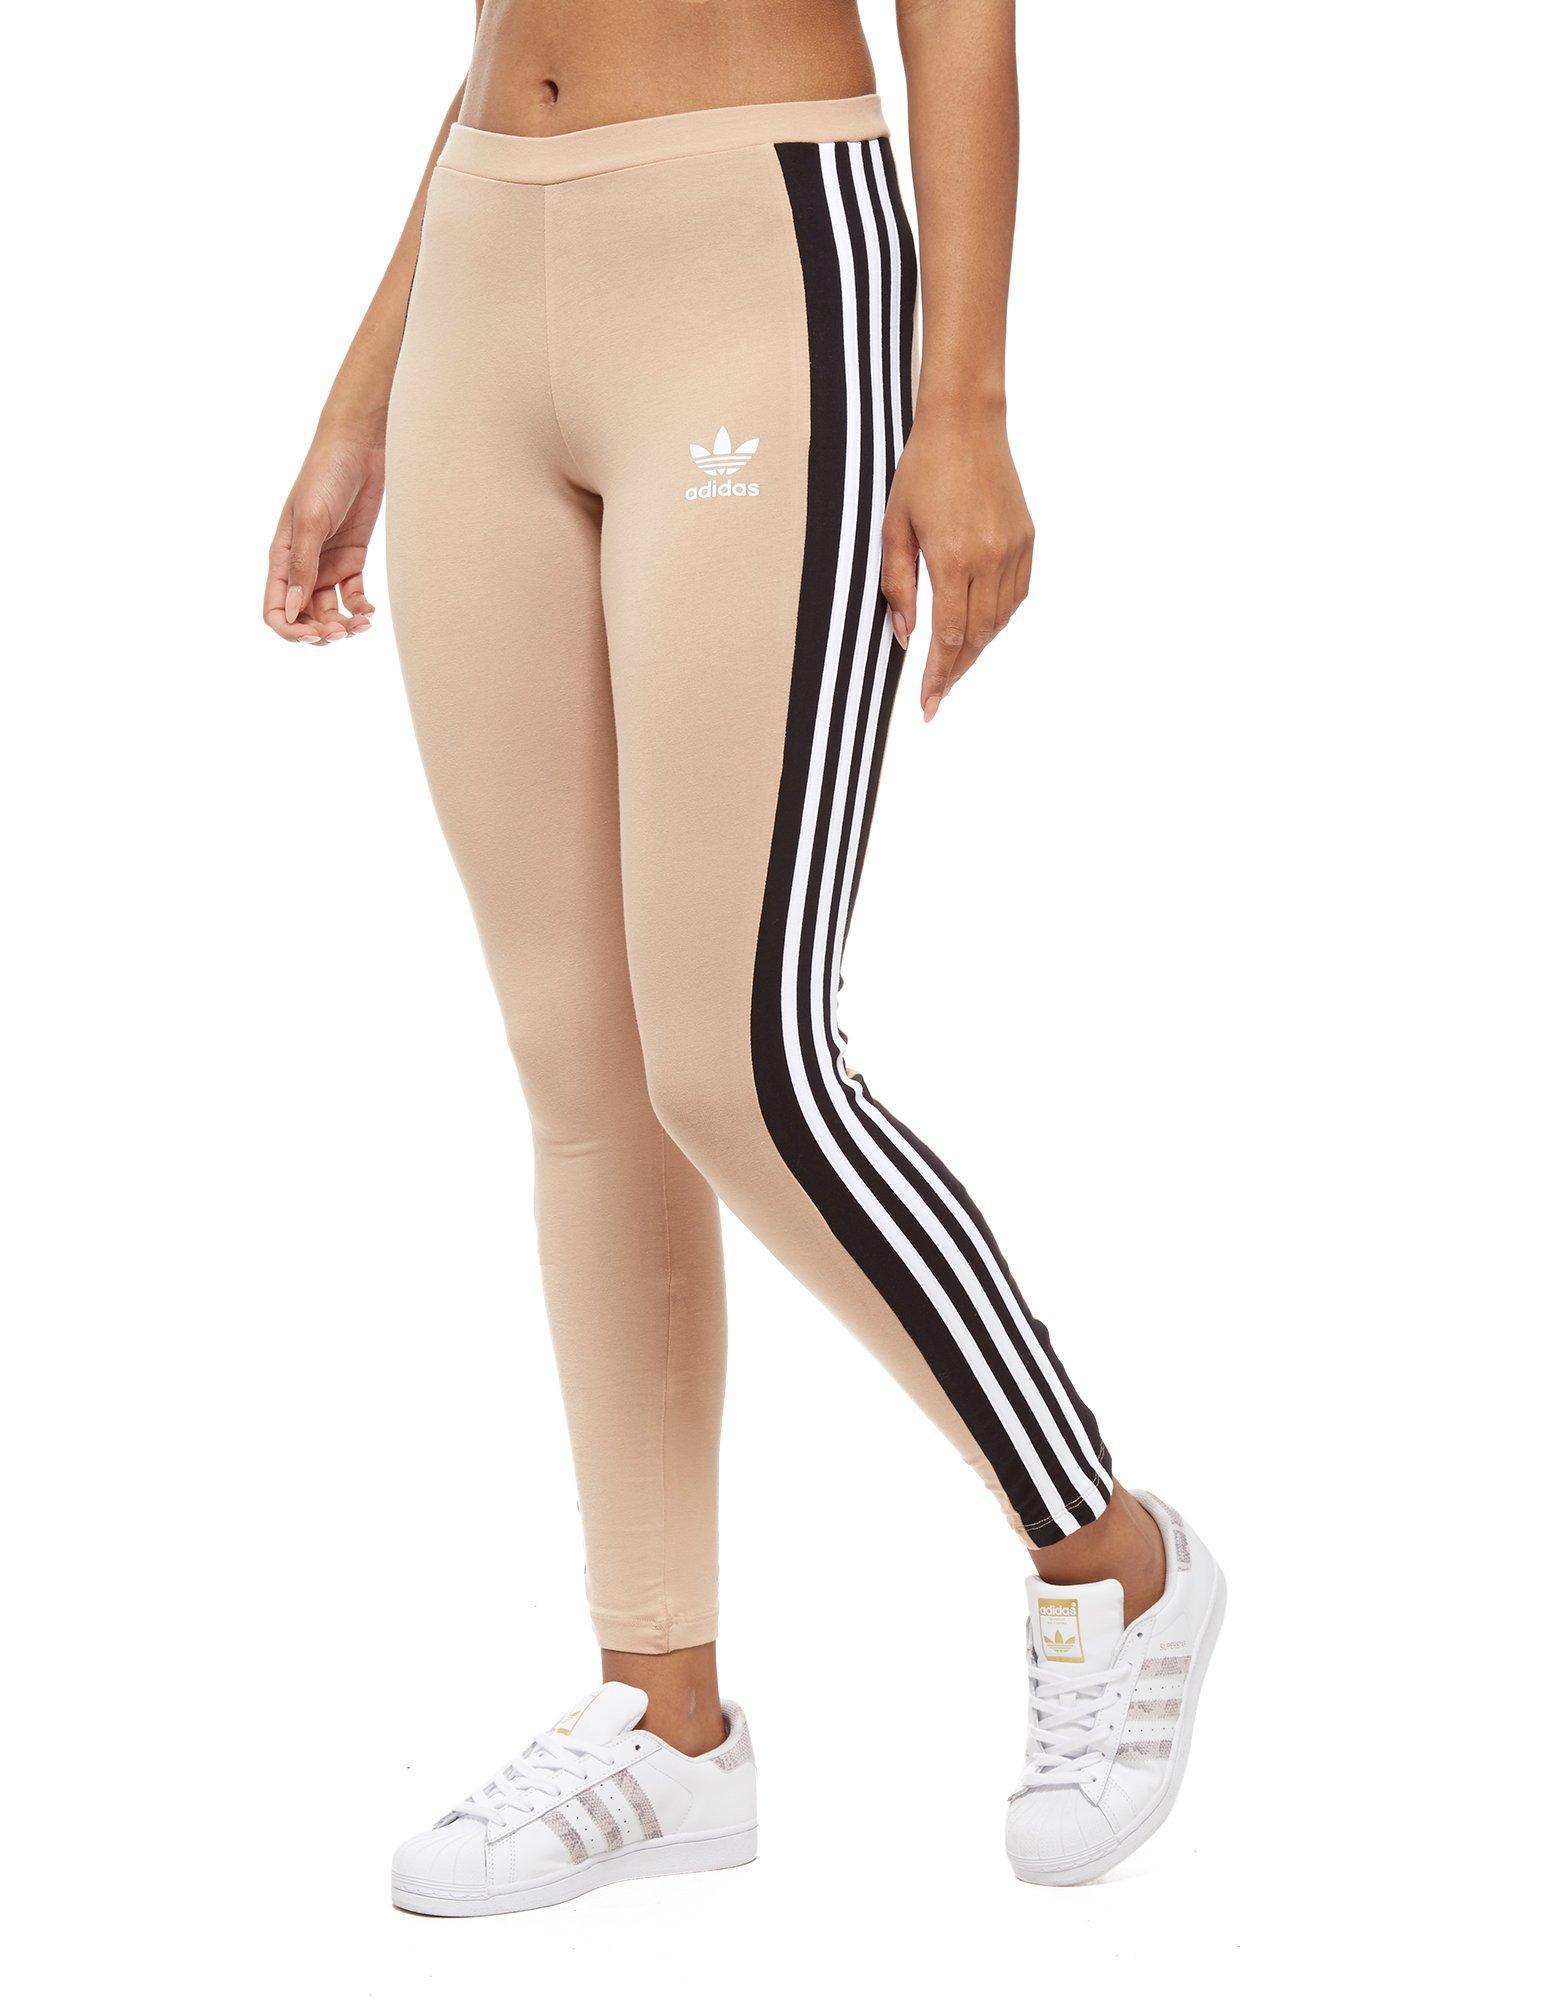 0755a6573 Lyst - adidas Originals 3-stripes Panel Leggings in Black